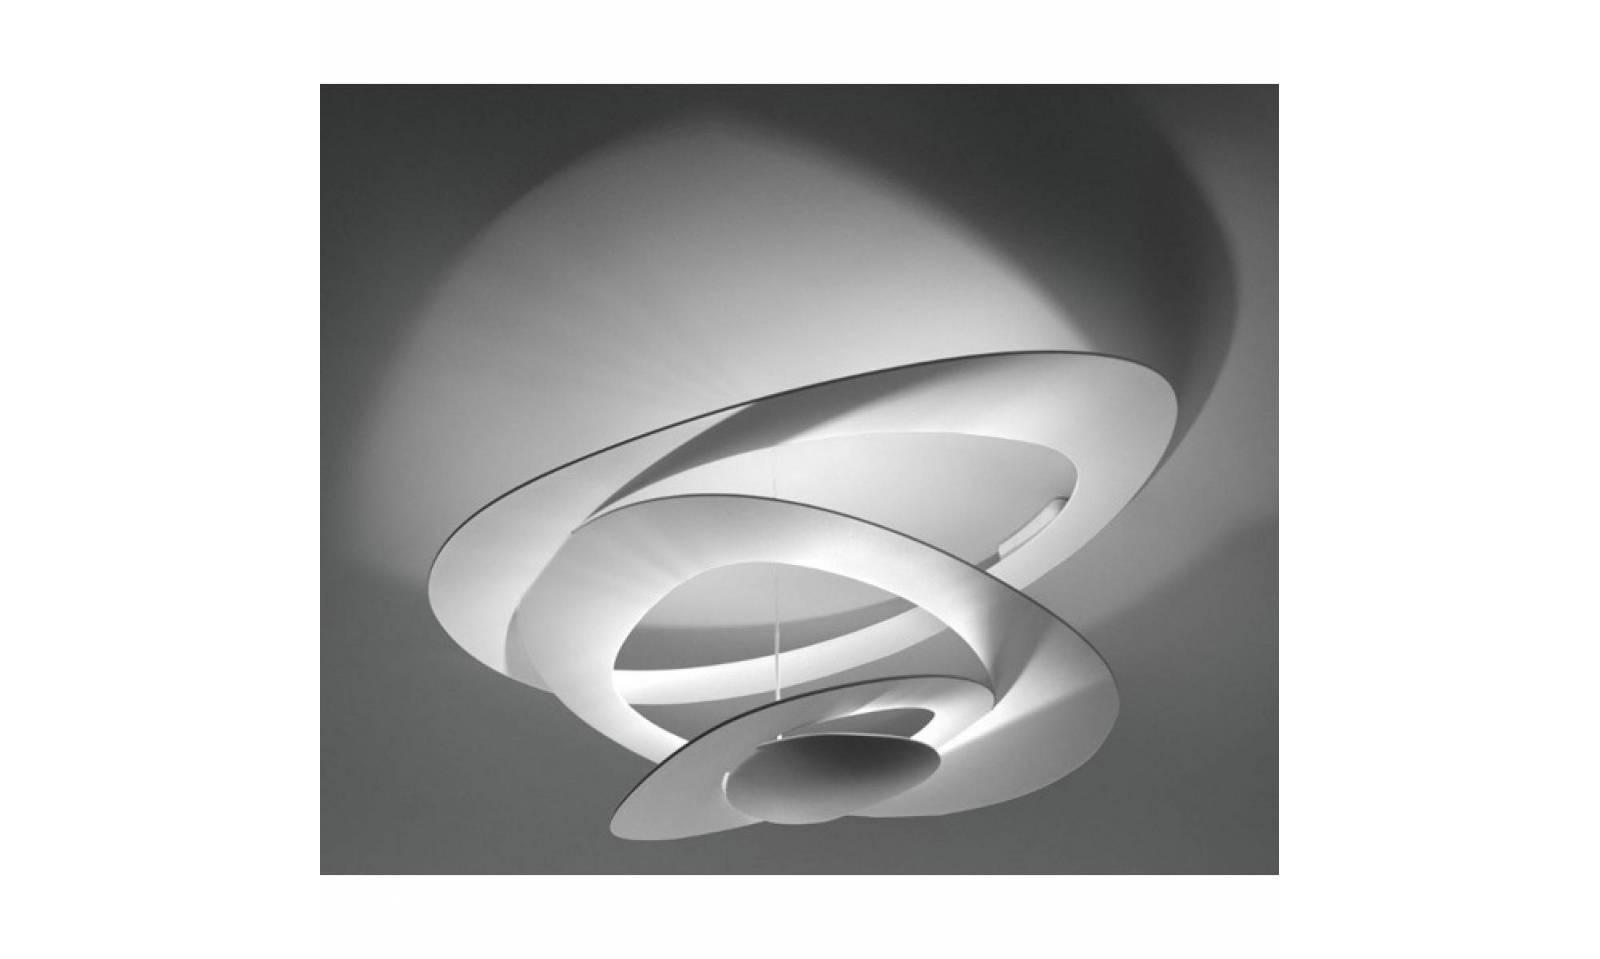 Lampade bagno artemide tutto su ispirazione design casa - Lampada soffitto bagno ...